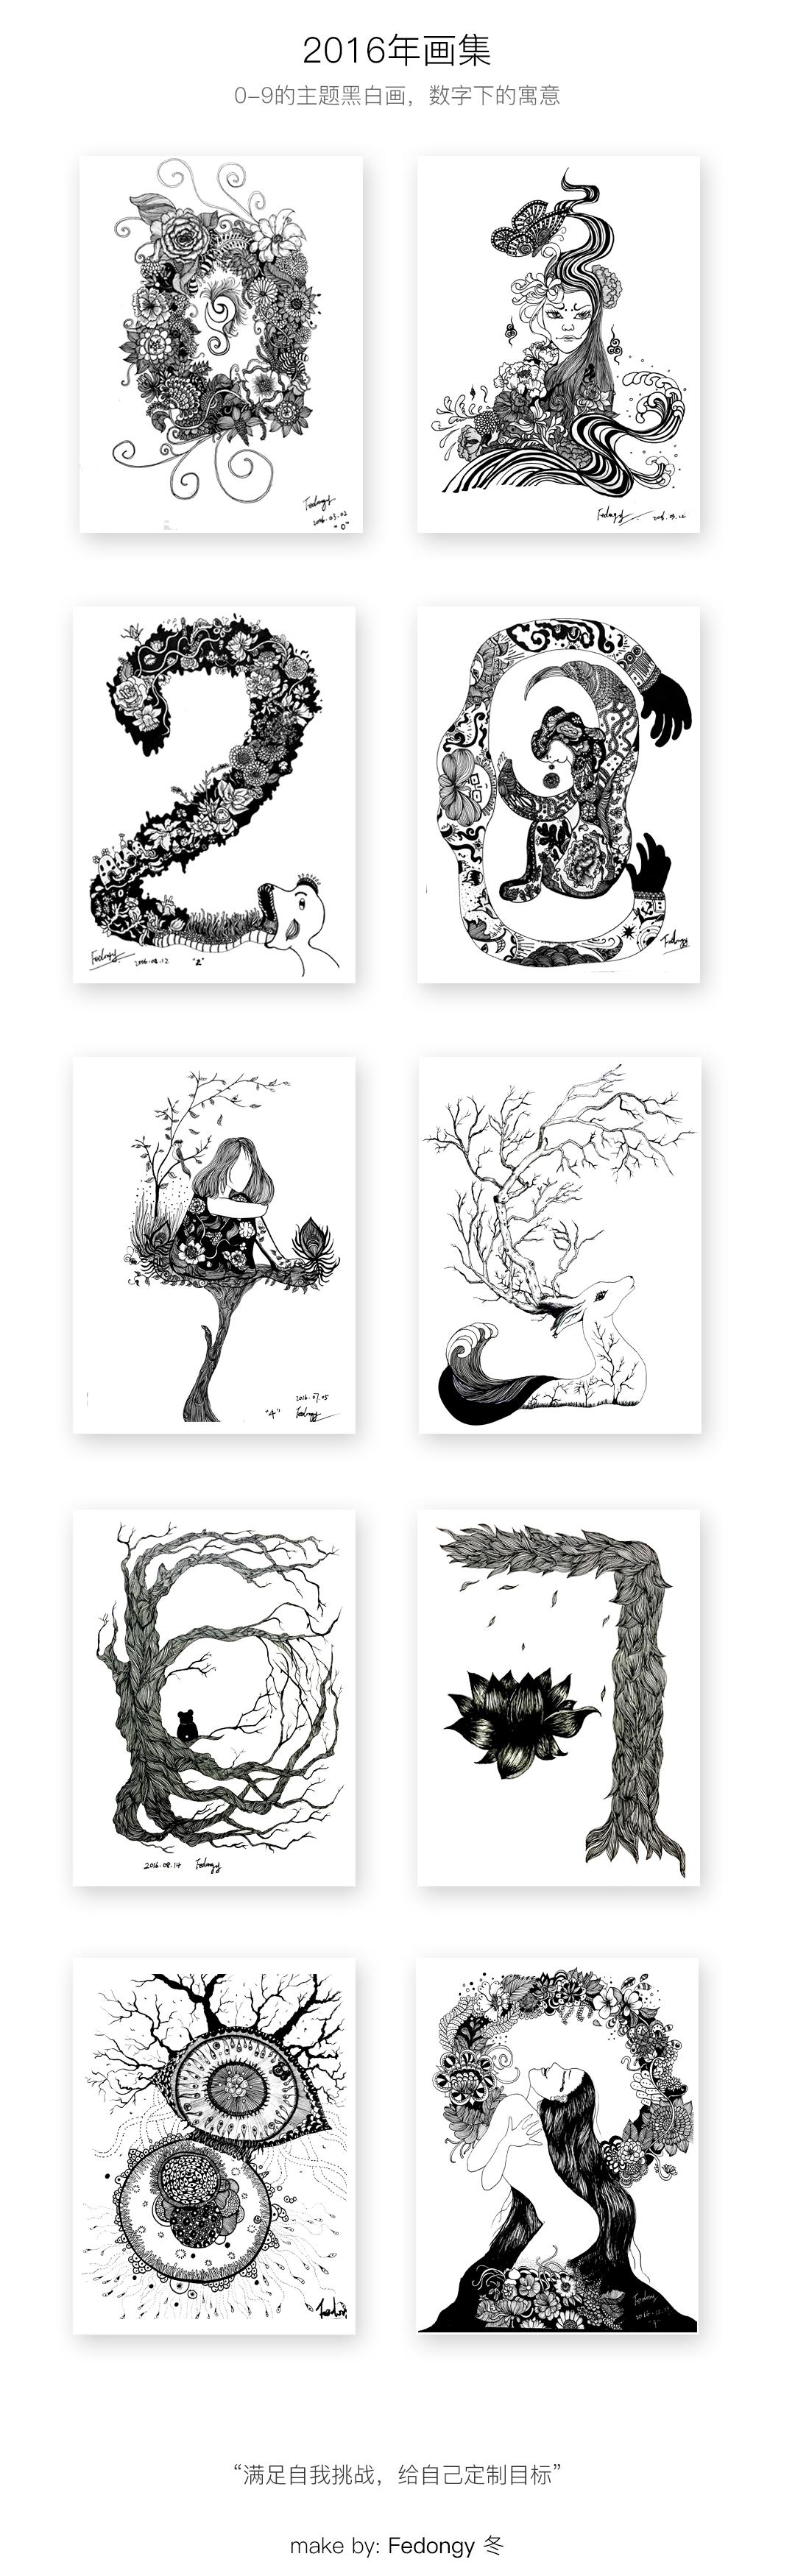 2016年手绘黑白插画集